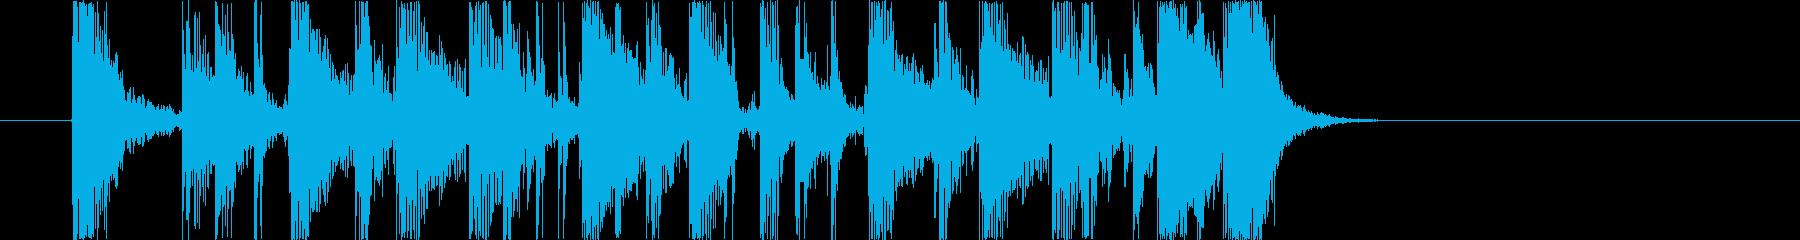 シンプルでクリアなギターカッティング2の再生済みの波形